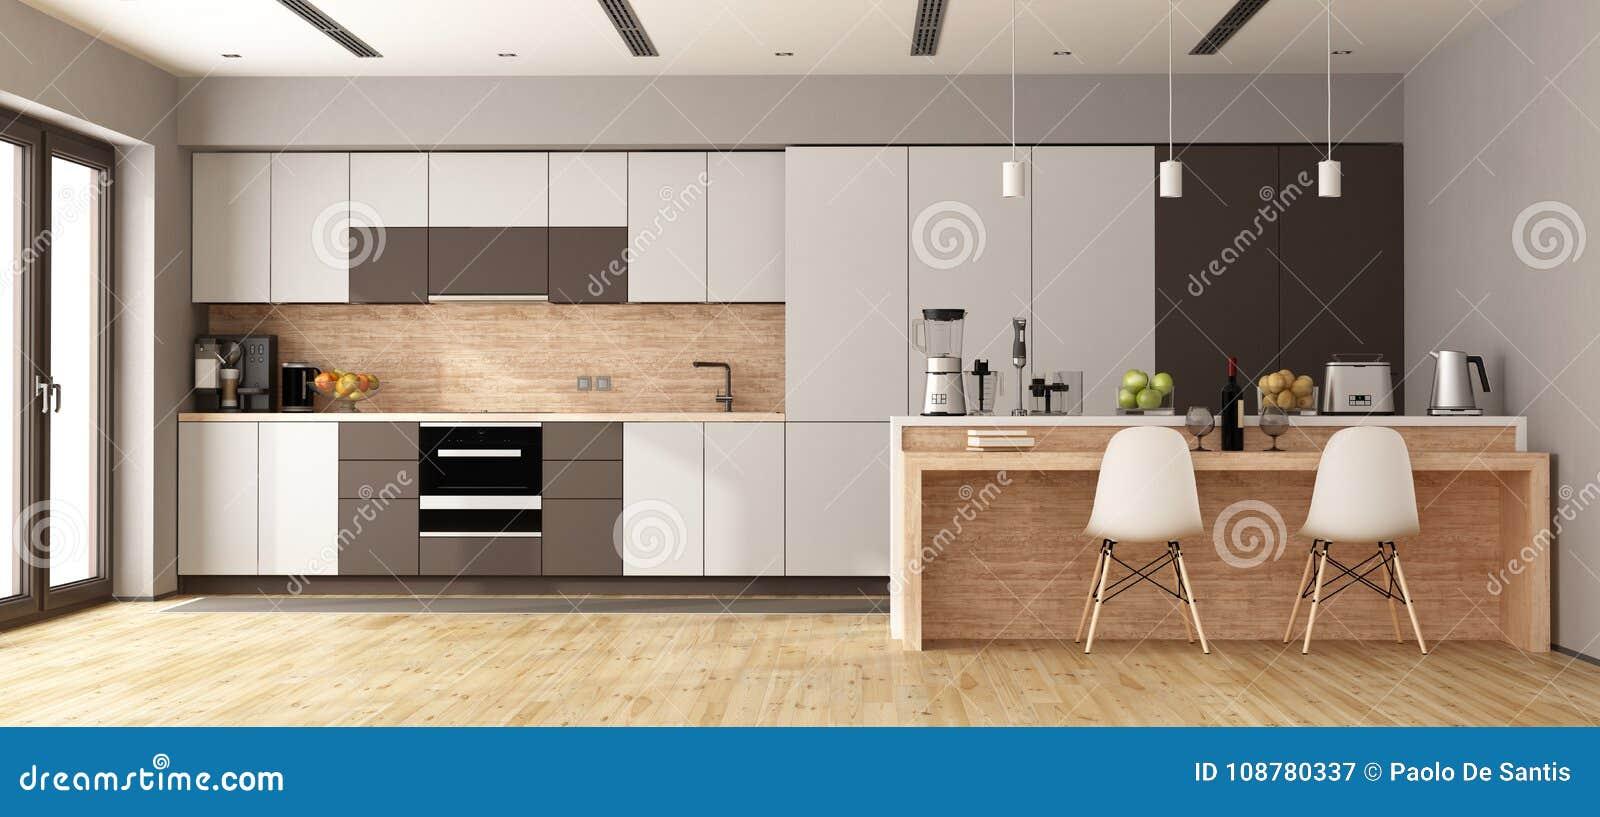 Download Weiße Und Braune Moderne Küche Stock Abbildung   Illustration Von  Möbel, Ausrüstung: 108780337